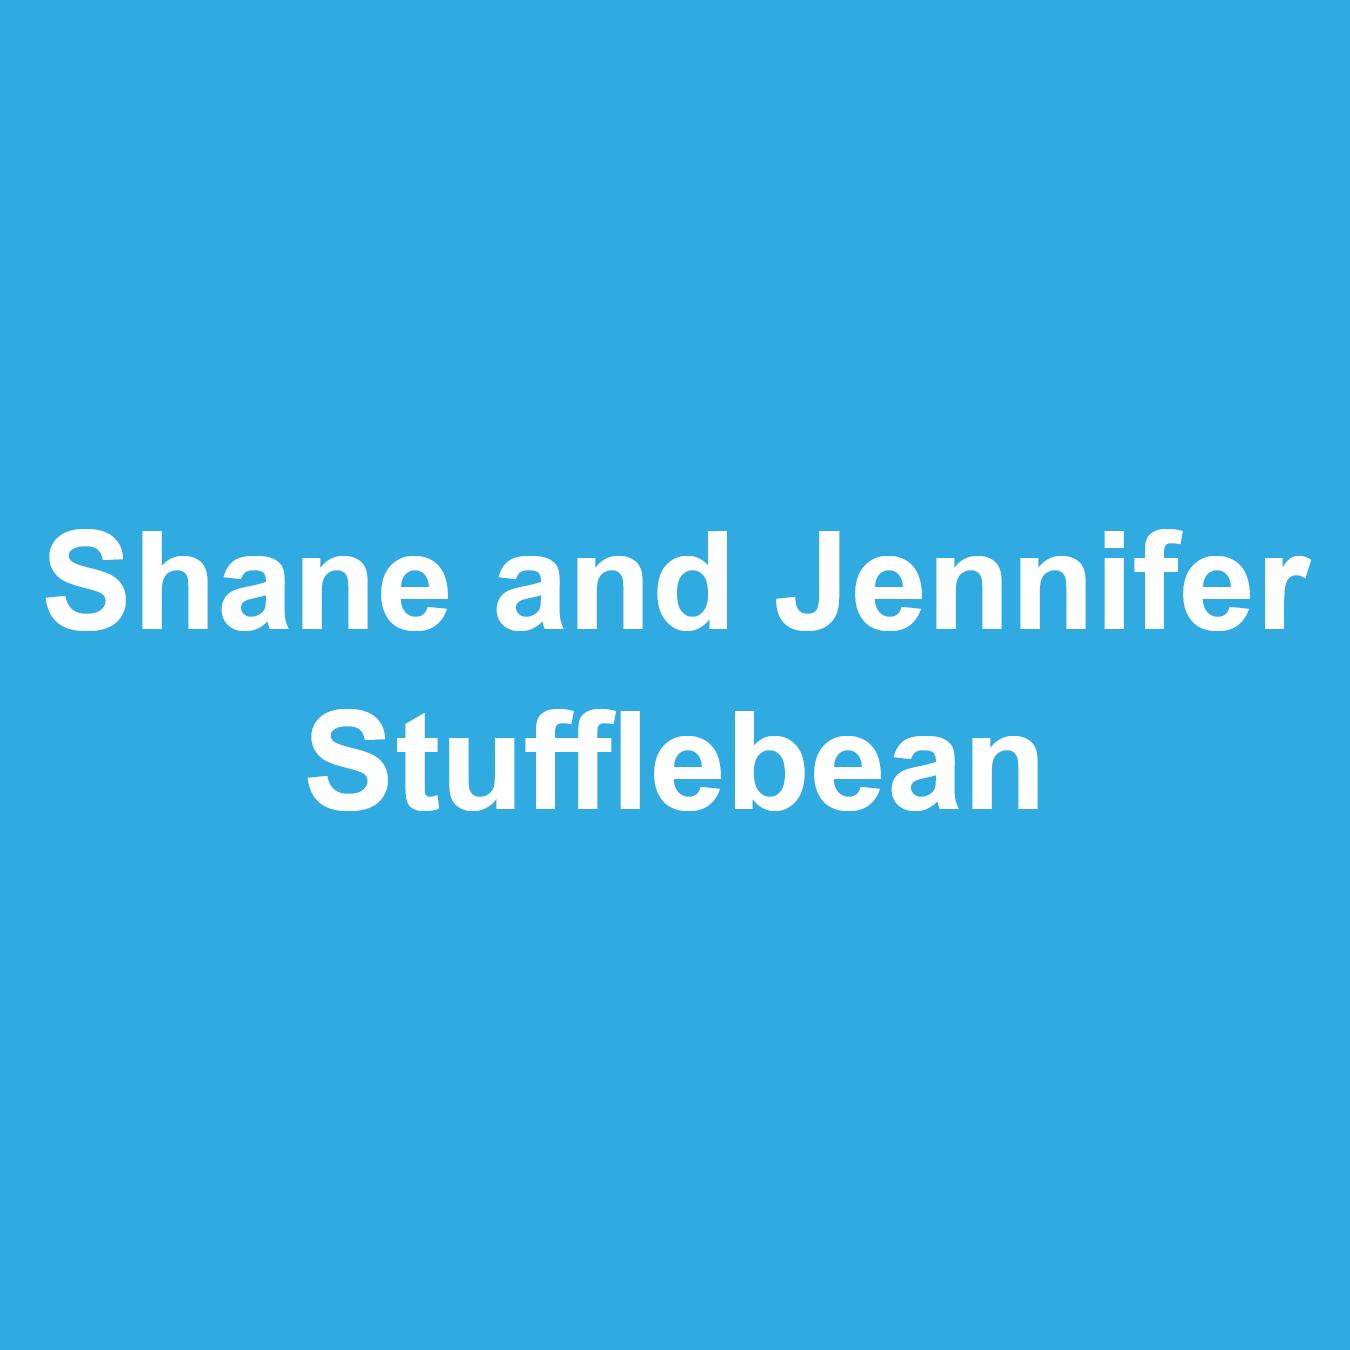 Stufflebean